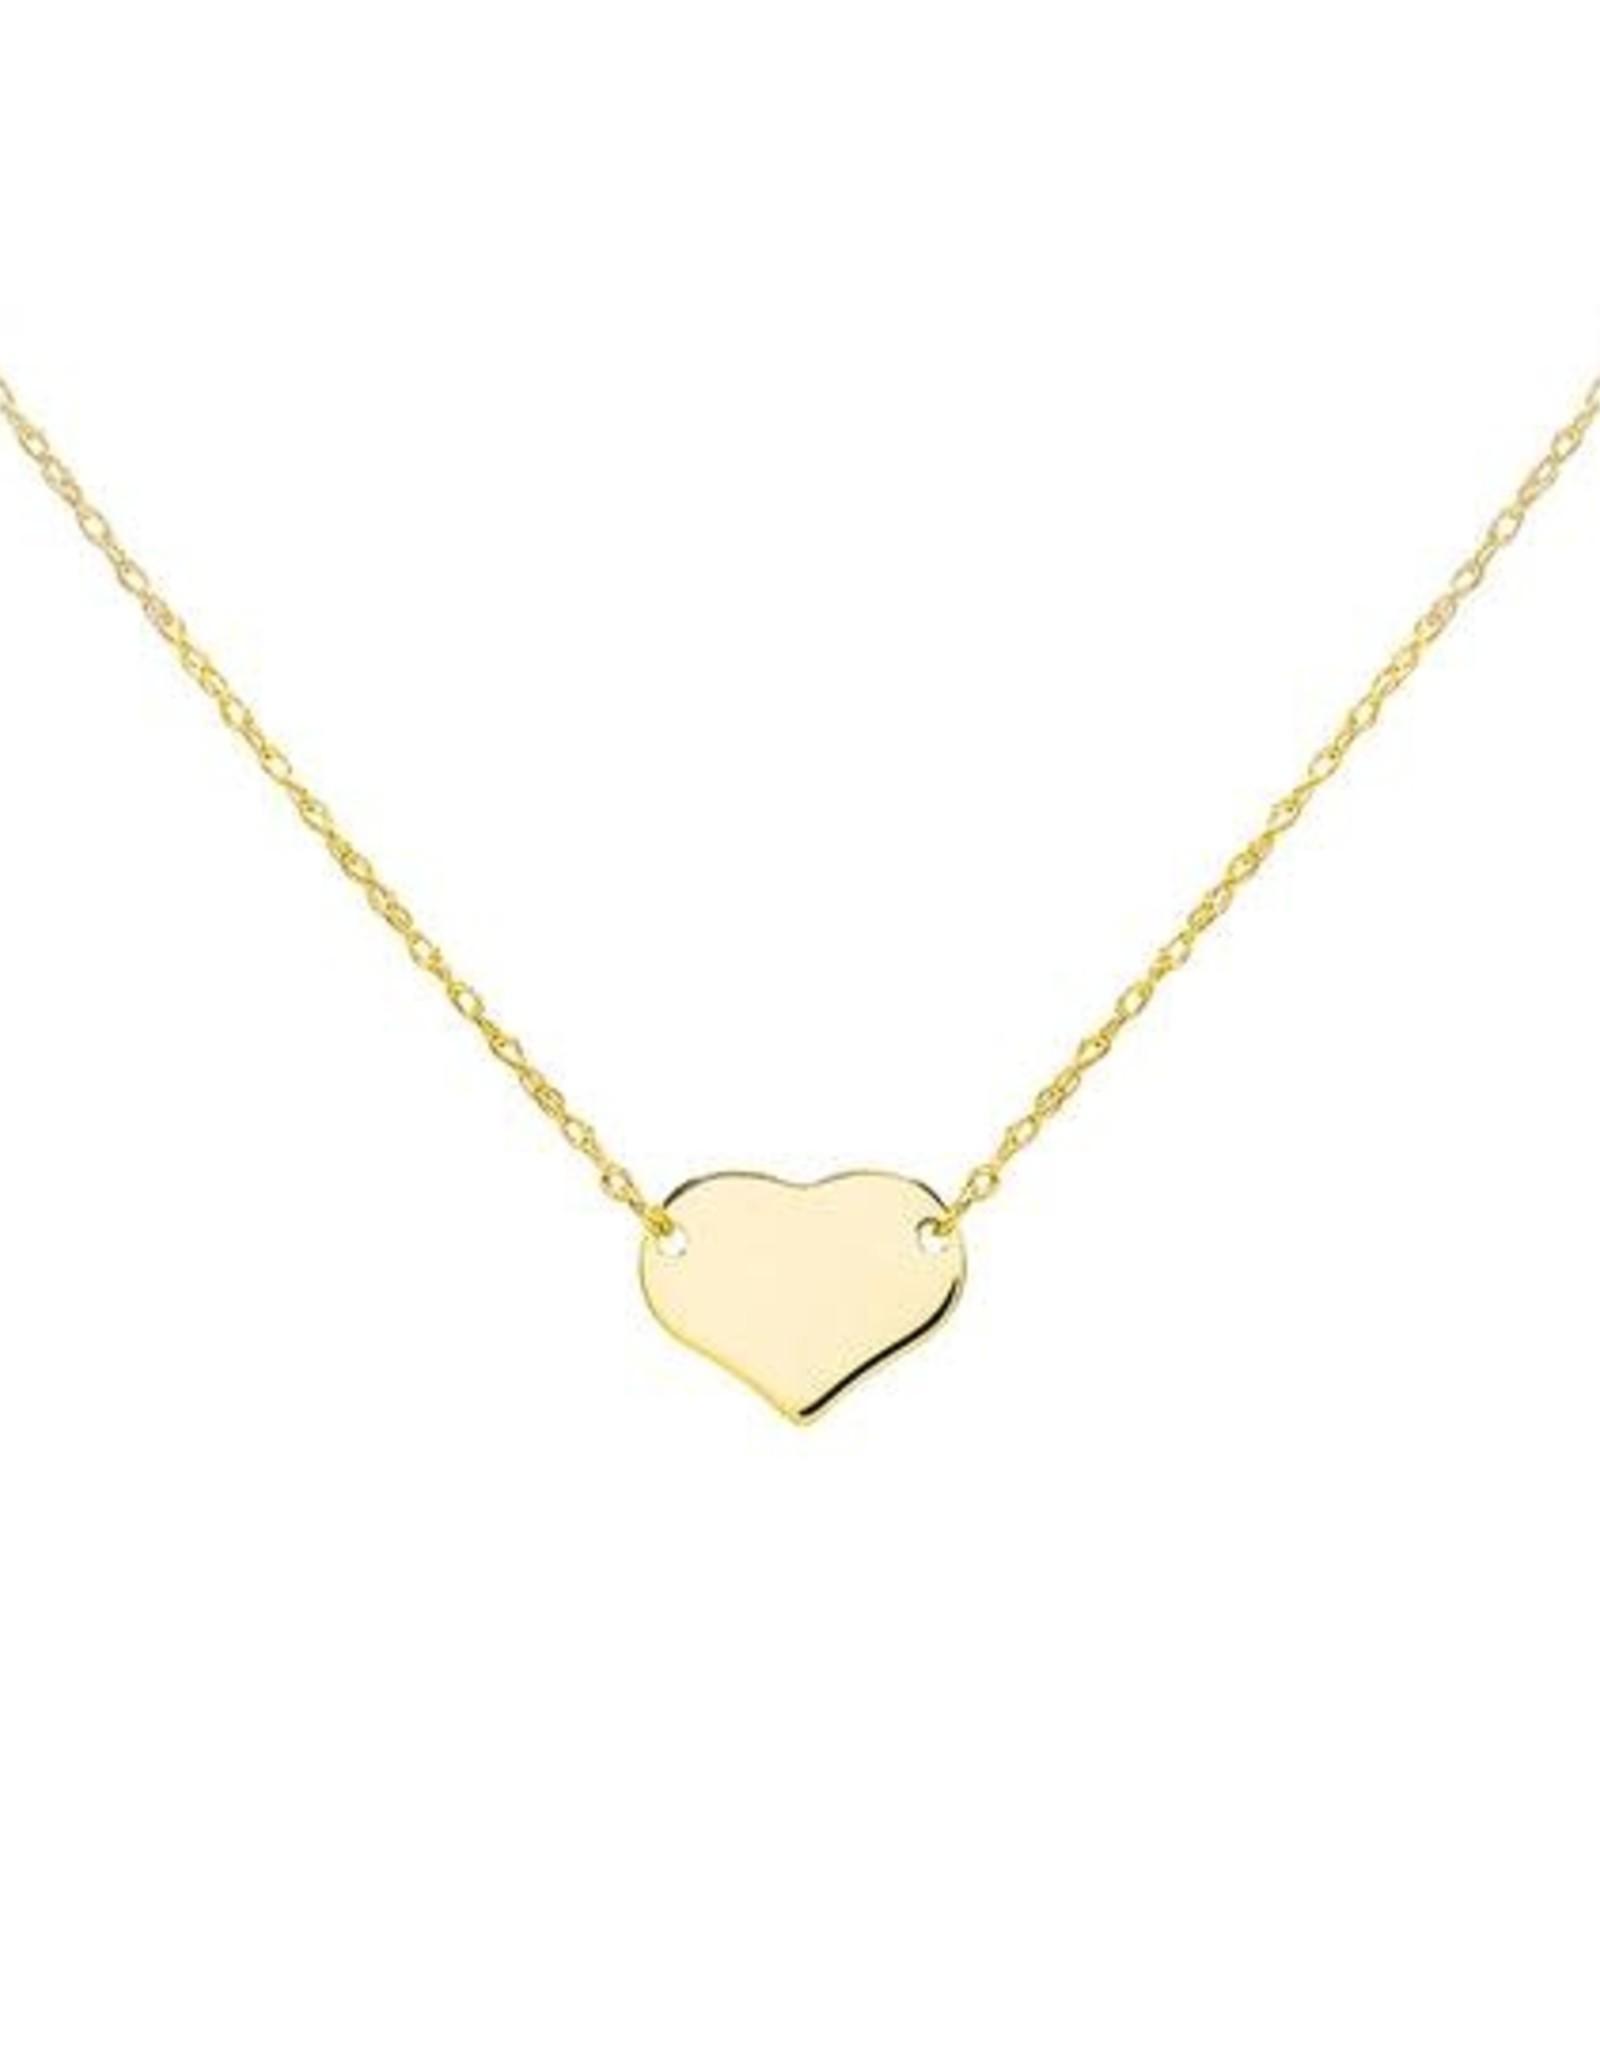 Adinas Engraved Mini Heart Necklace 14K